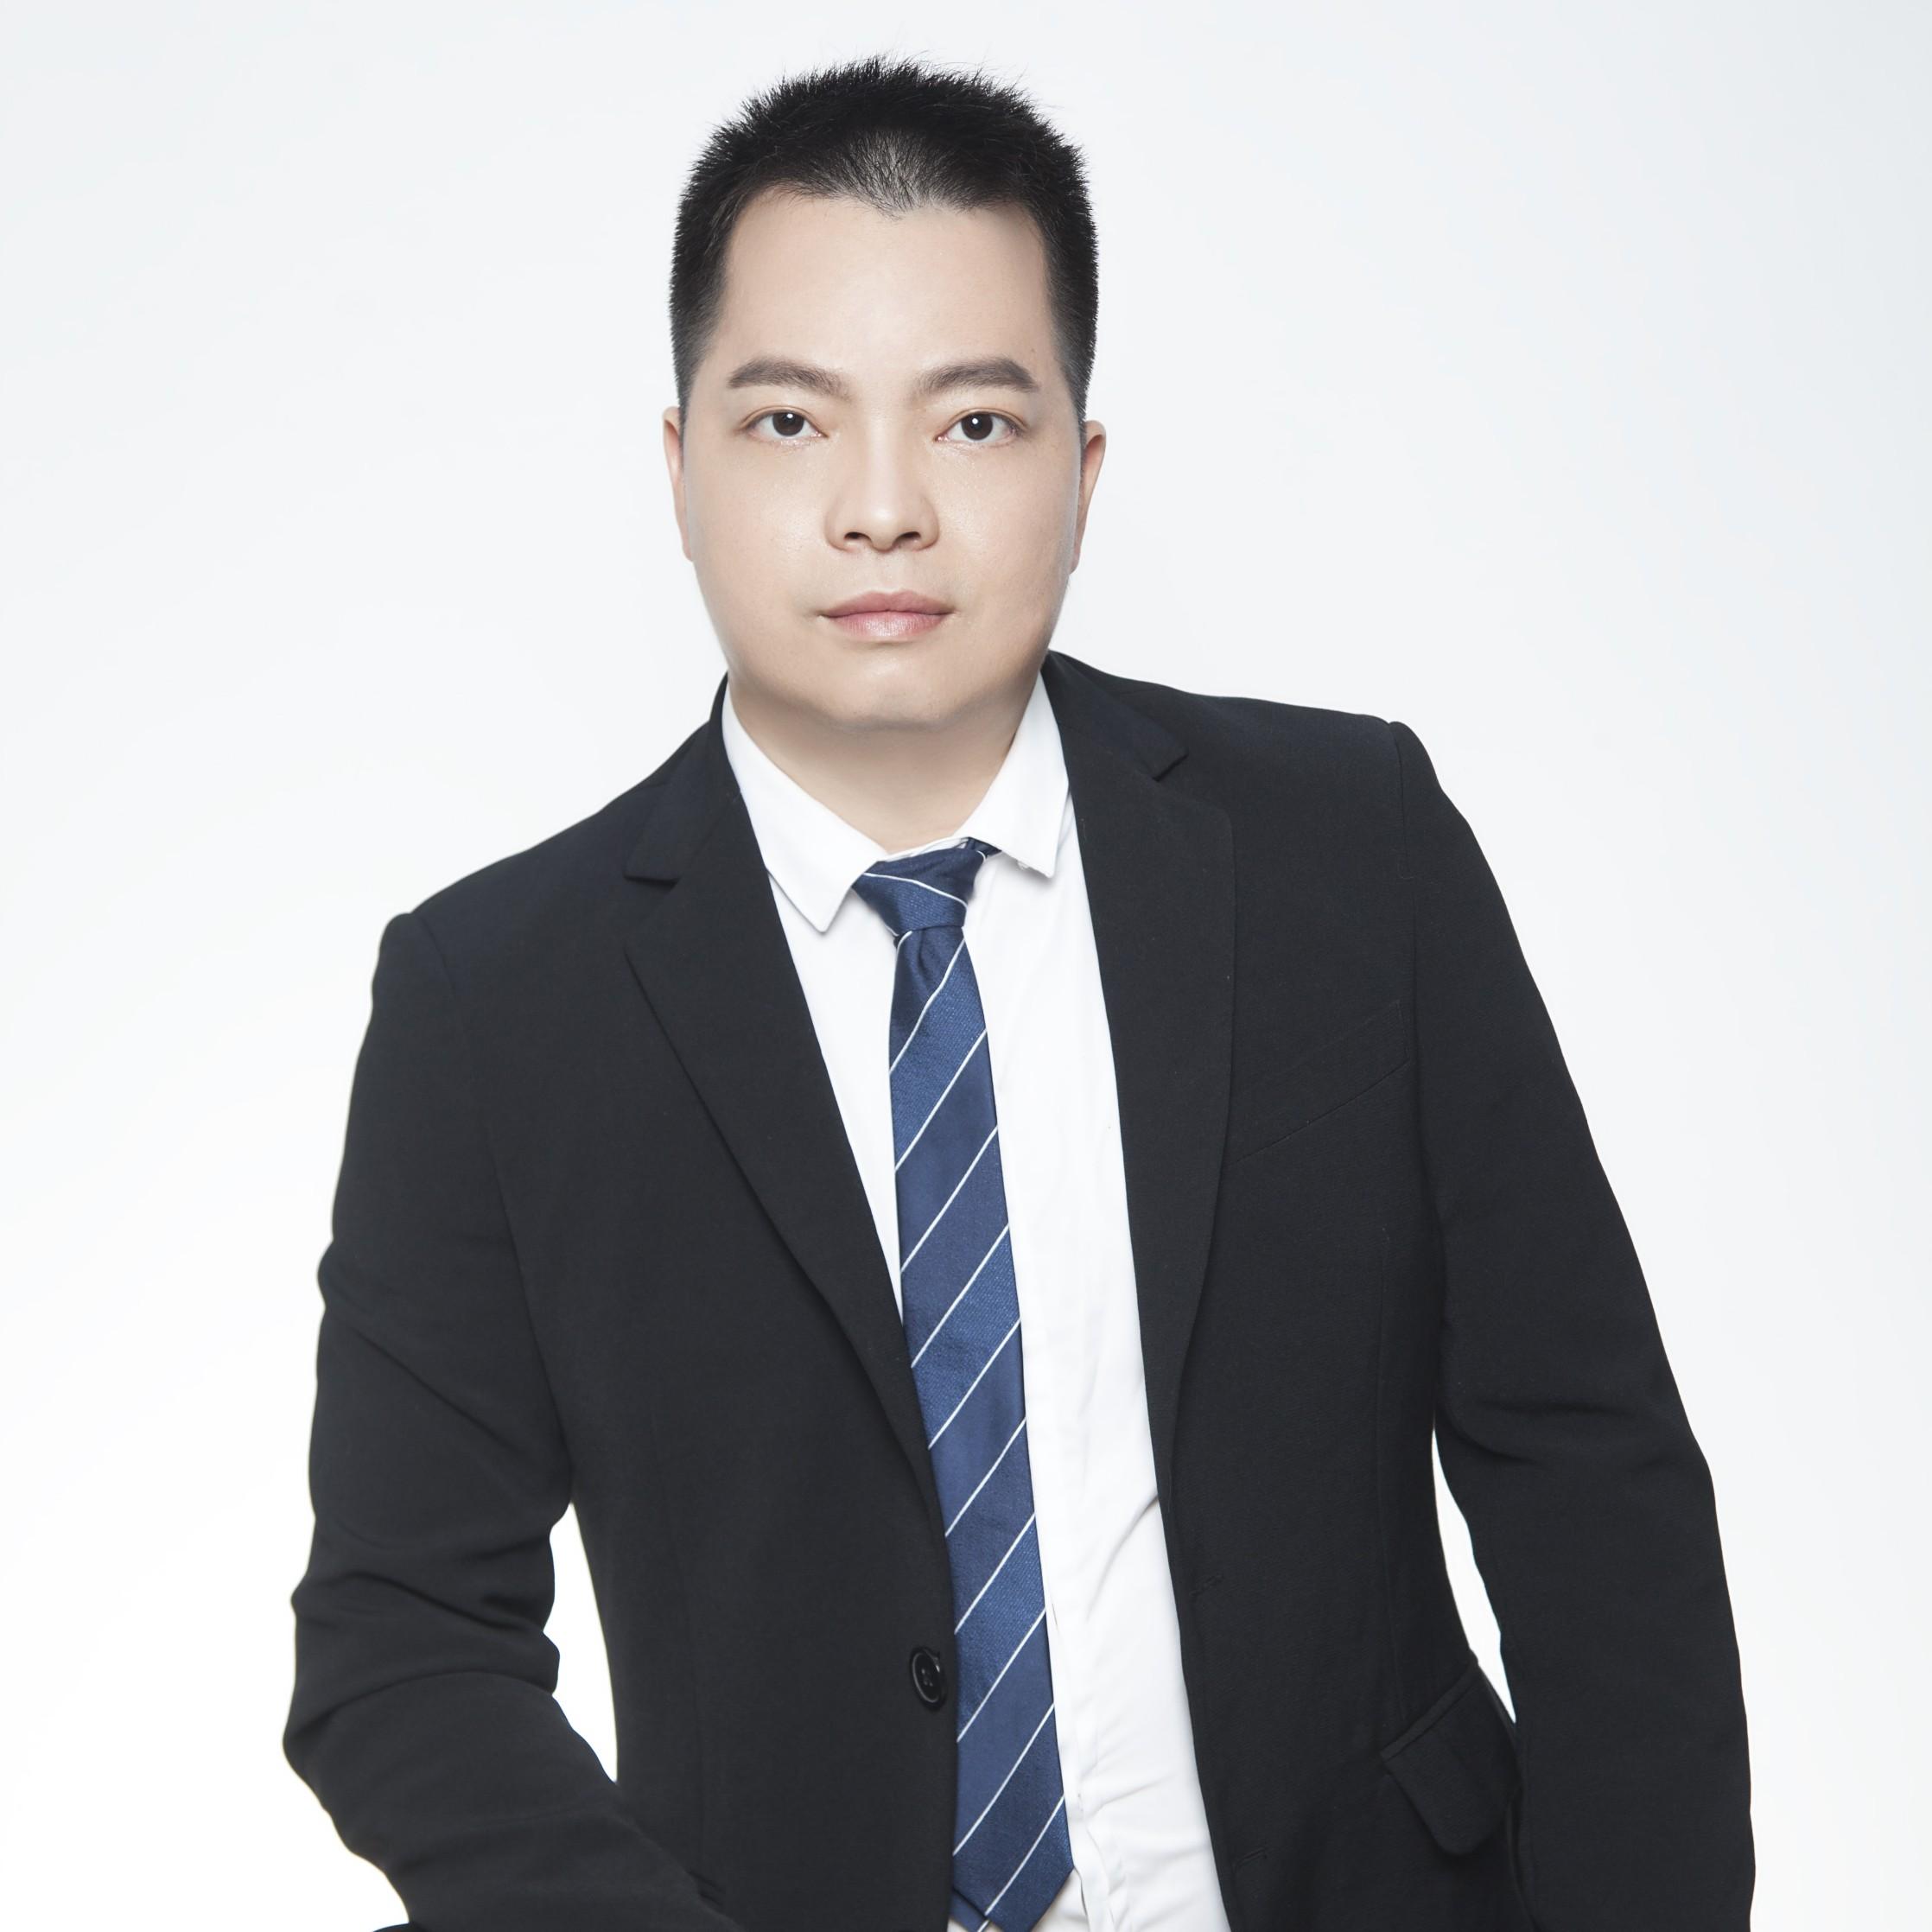 黄桂雄的爱问医生诊室